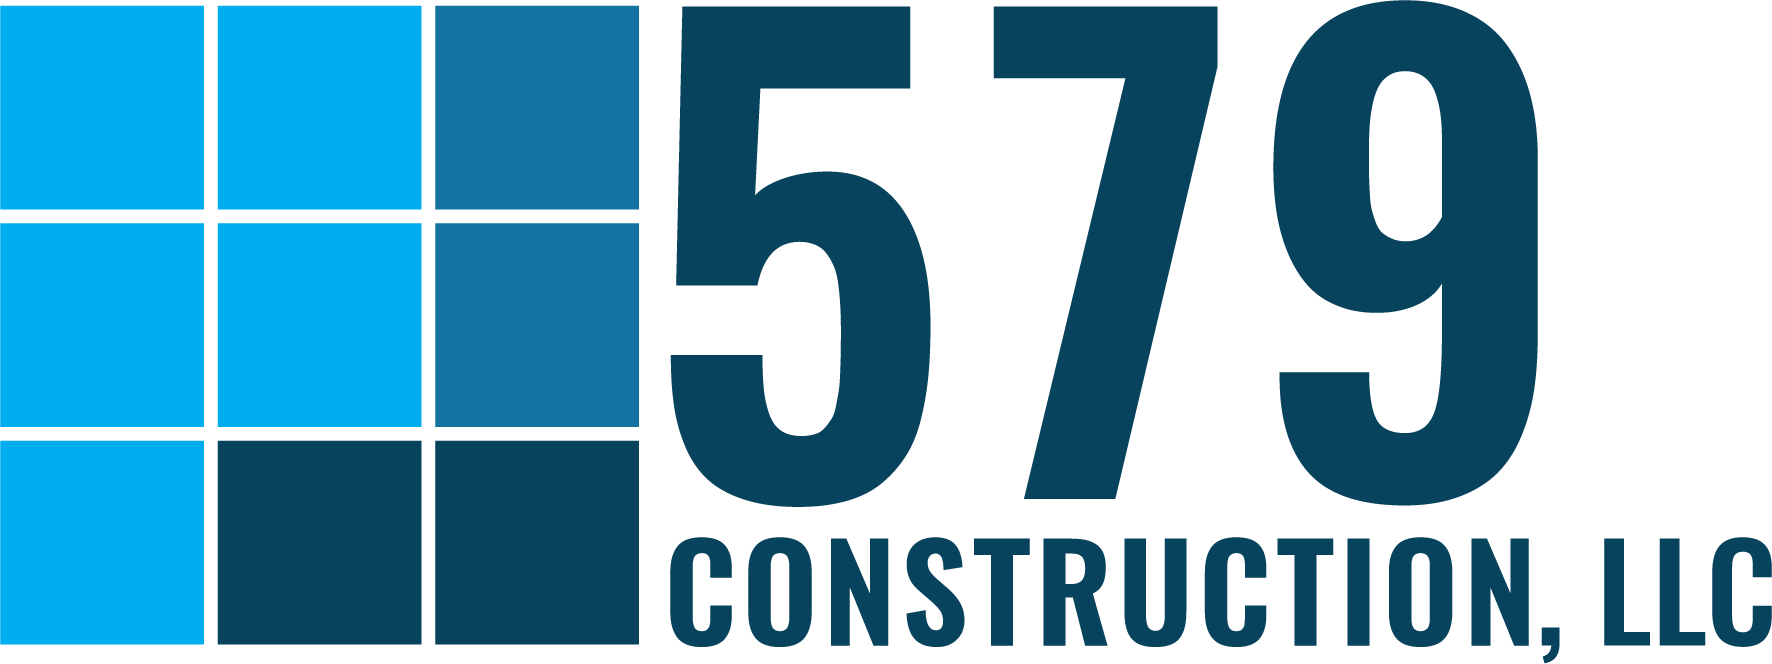 579-llc-logo